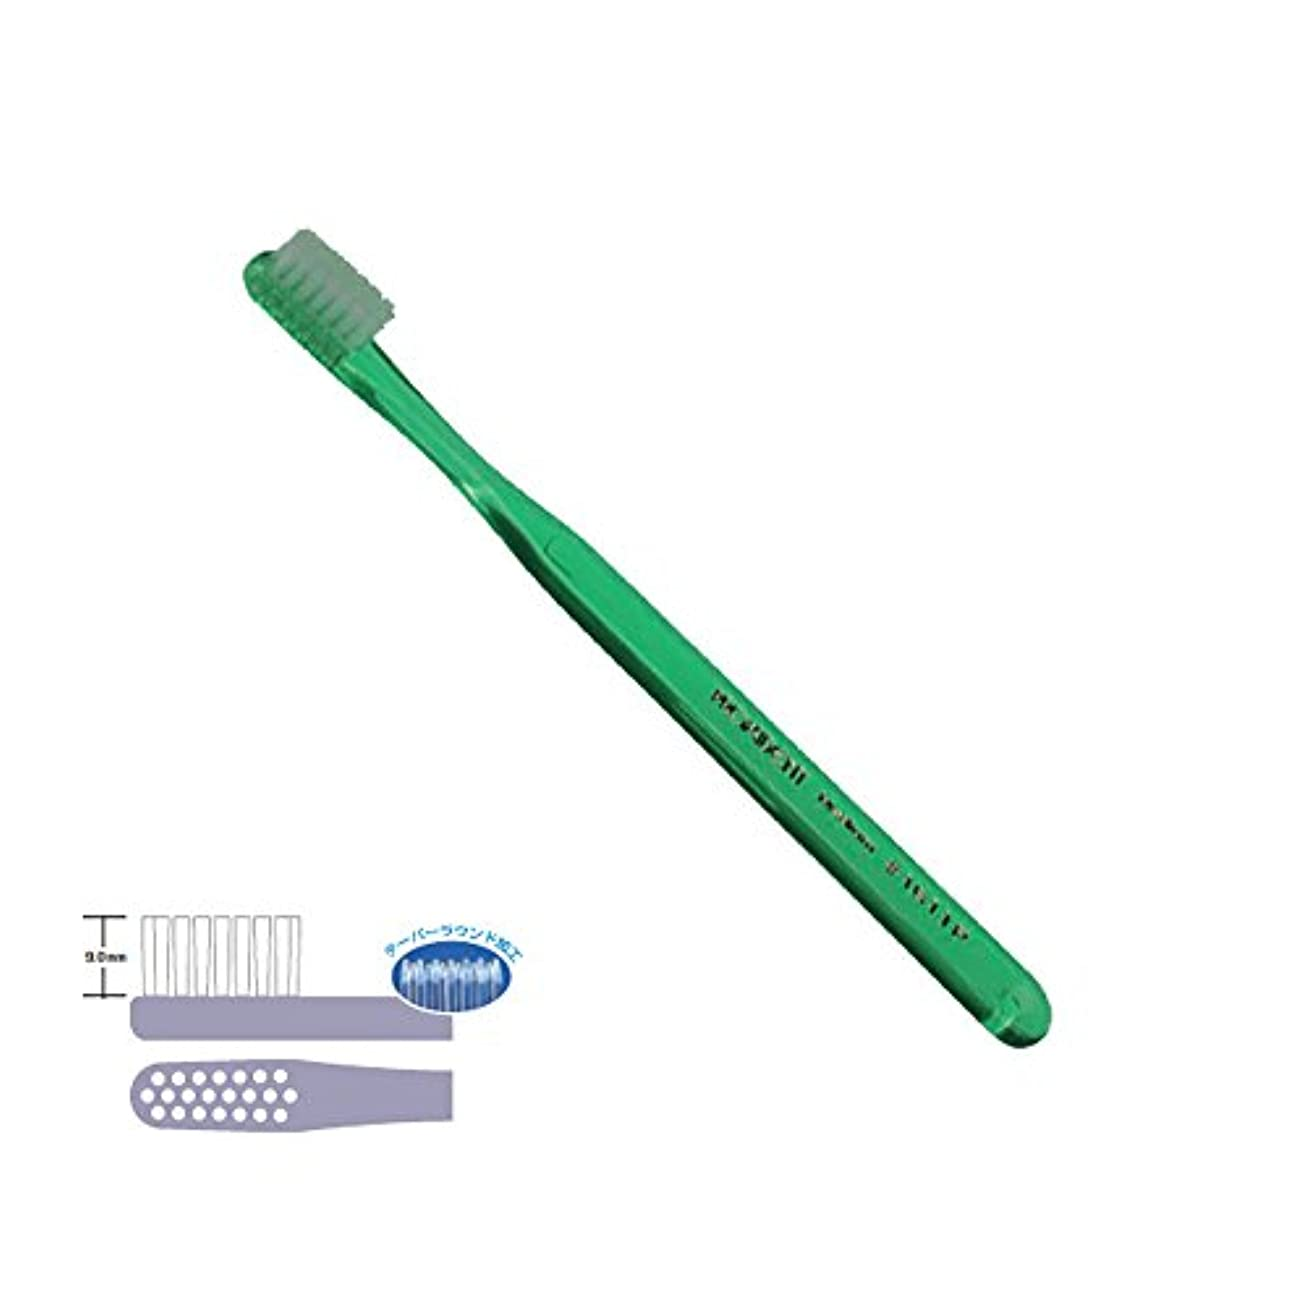 期間特異な時間プローデント プロキシデント #1611P 歯ブラシ 50本入 10本 × 5色 【コンパクトヘッド】【ミディアム】【キャップ付】